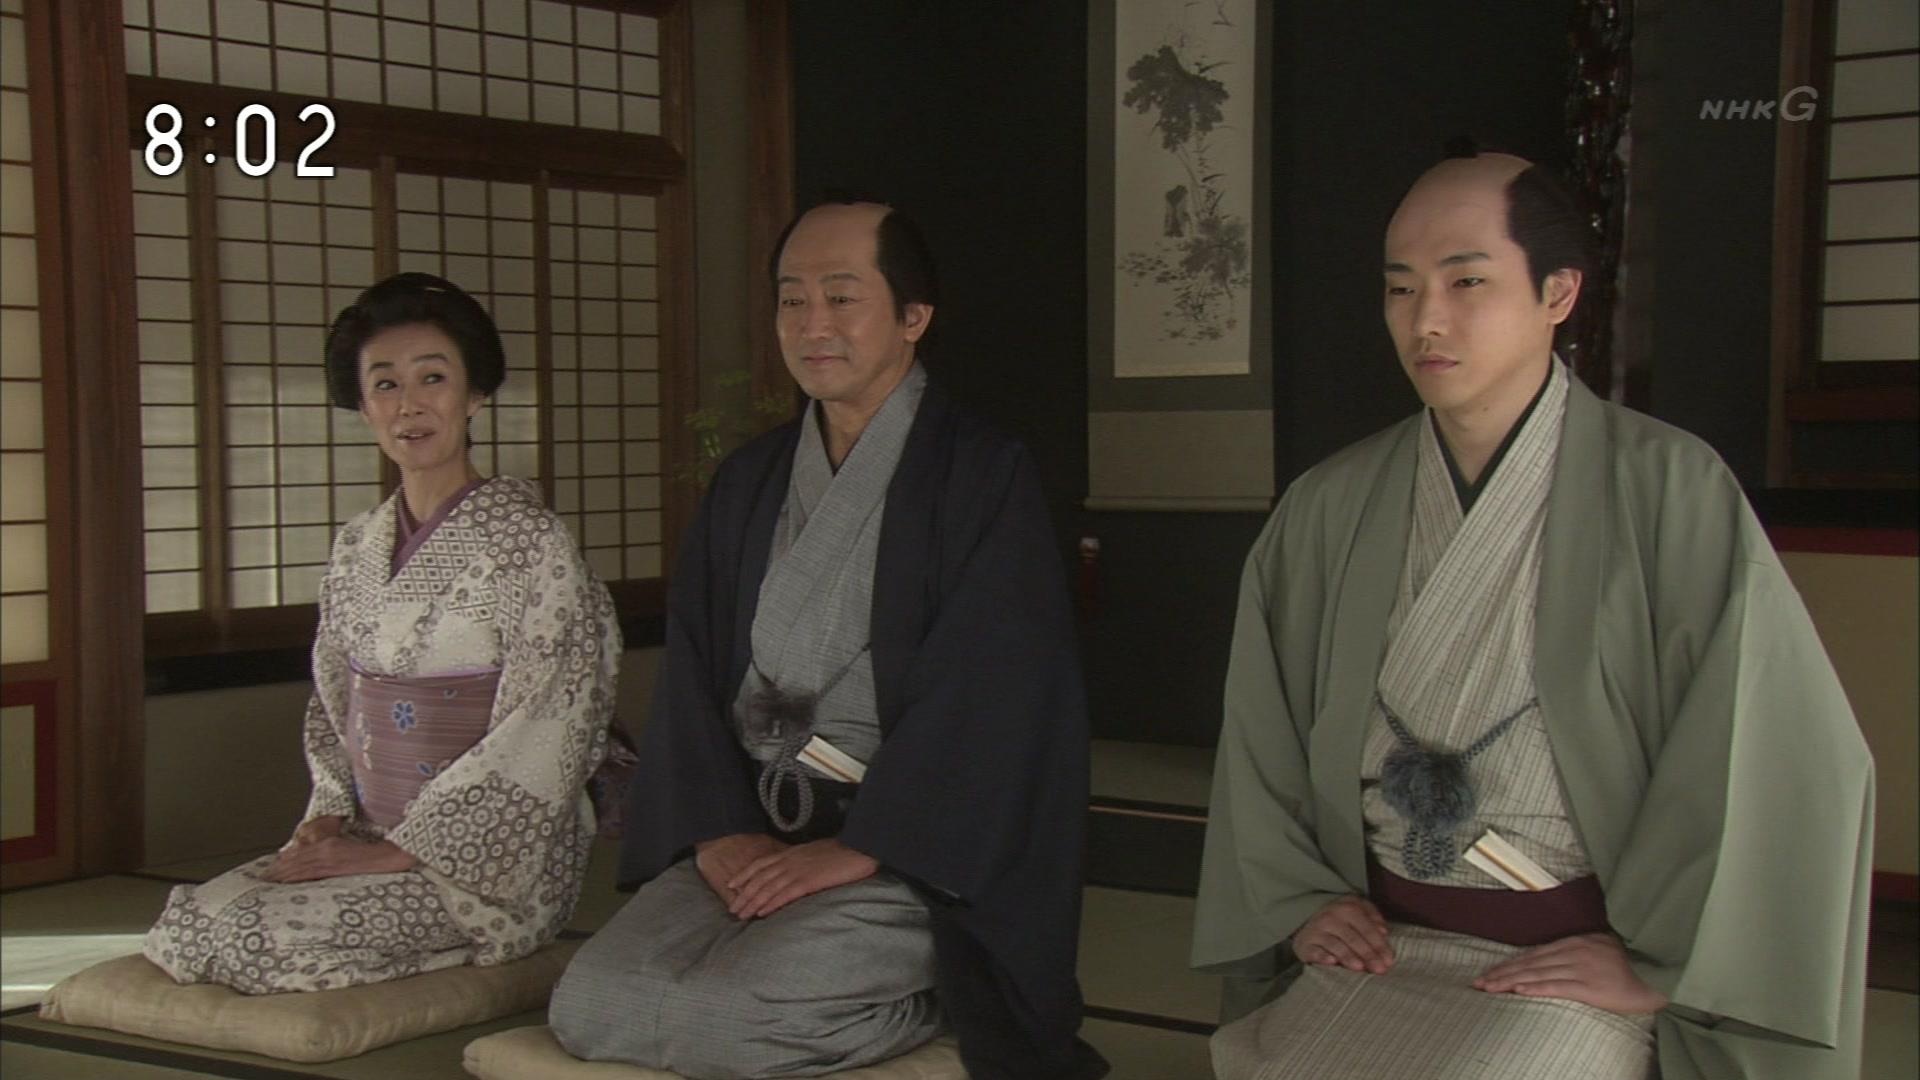 2015-10-01 08:00 連続テレビ小説 あさが来た(4)「小さな許嫁(いいなずけ)」 0540